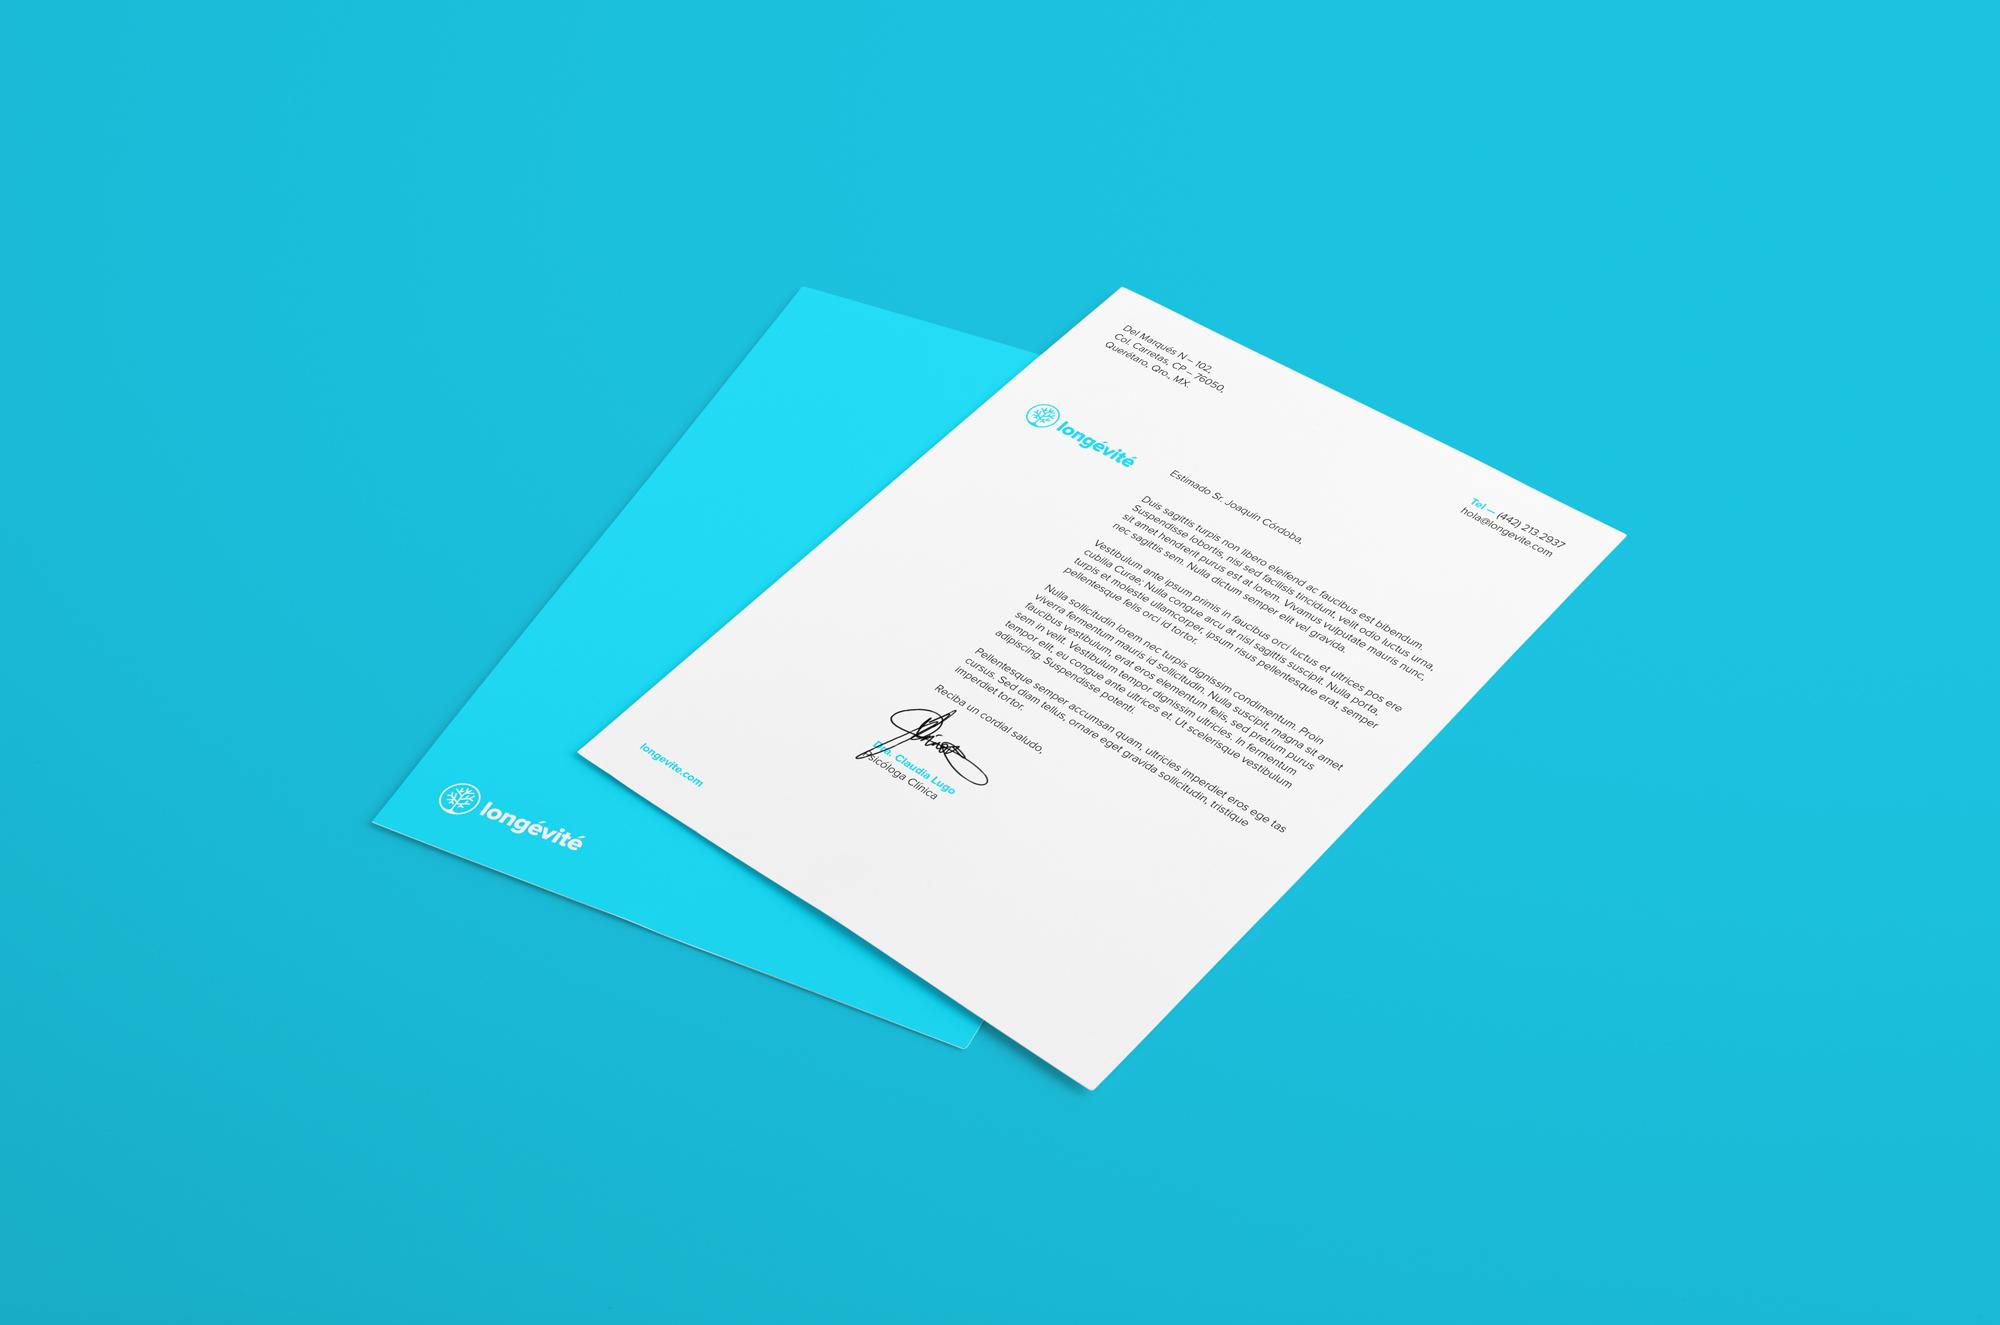 raniev-rod-alvarez-diseño-gráfico-queretaro-longevite-11-letterhead